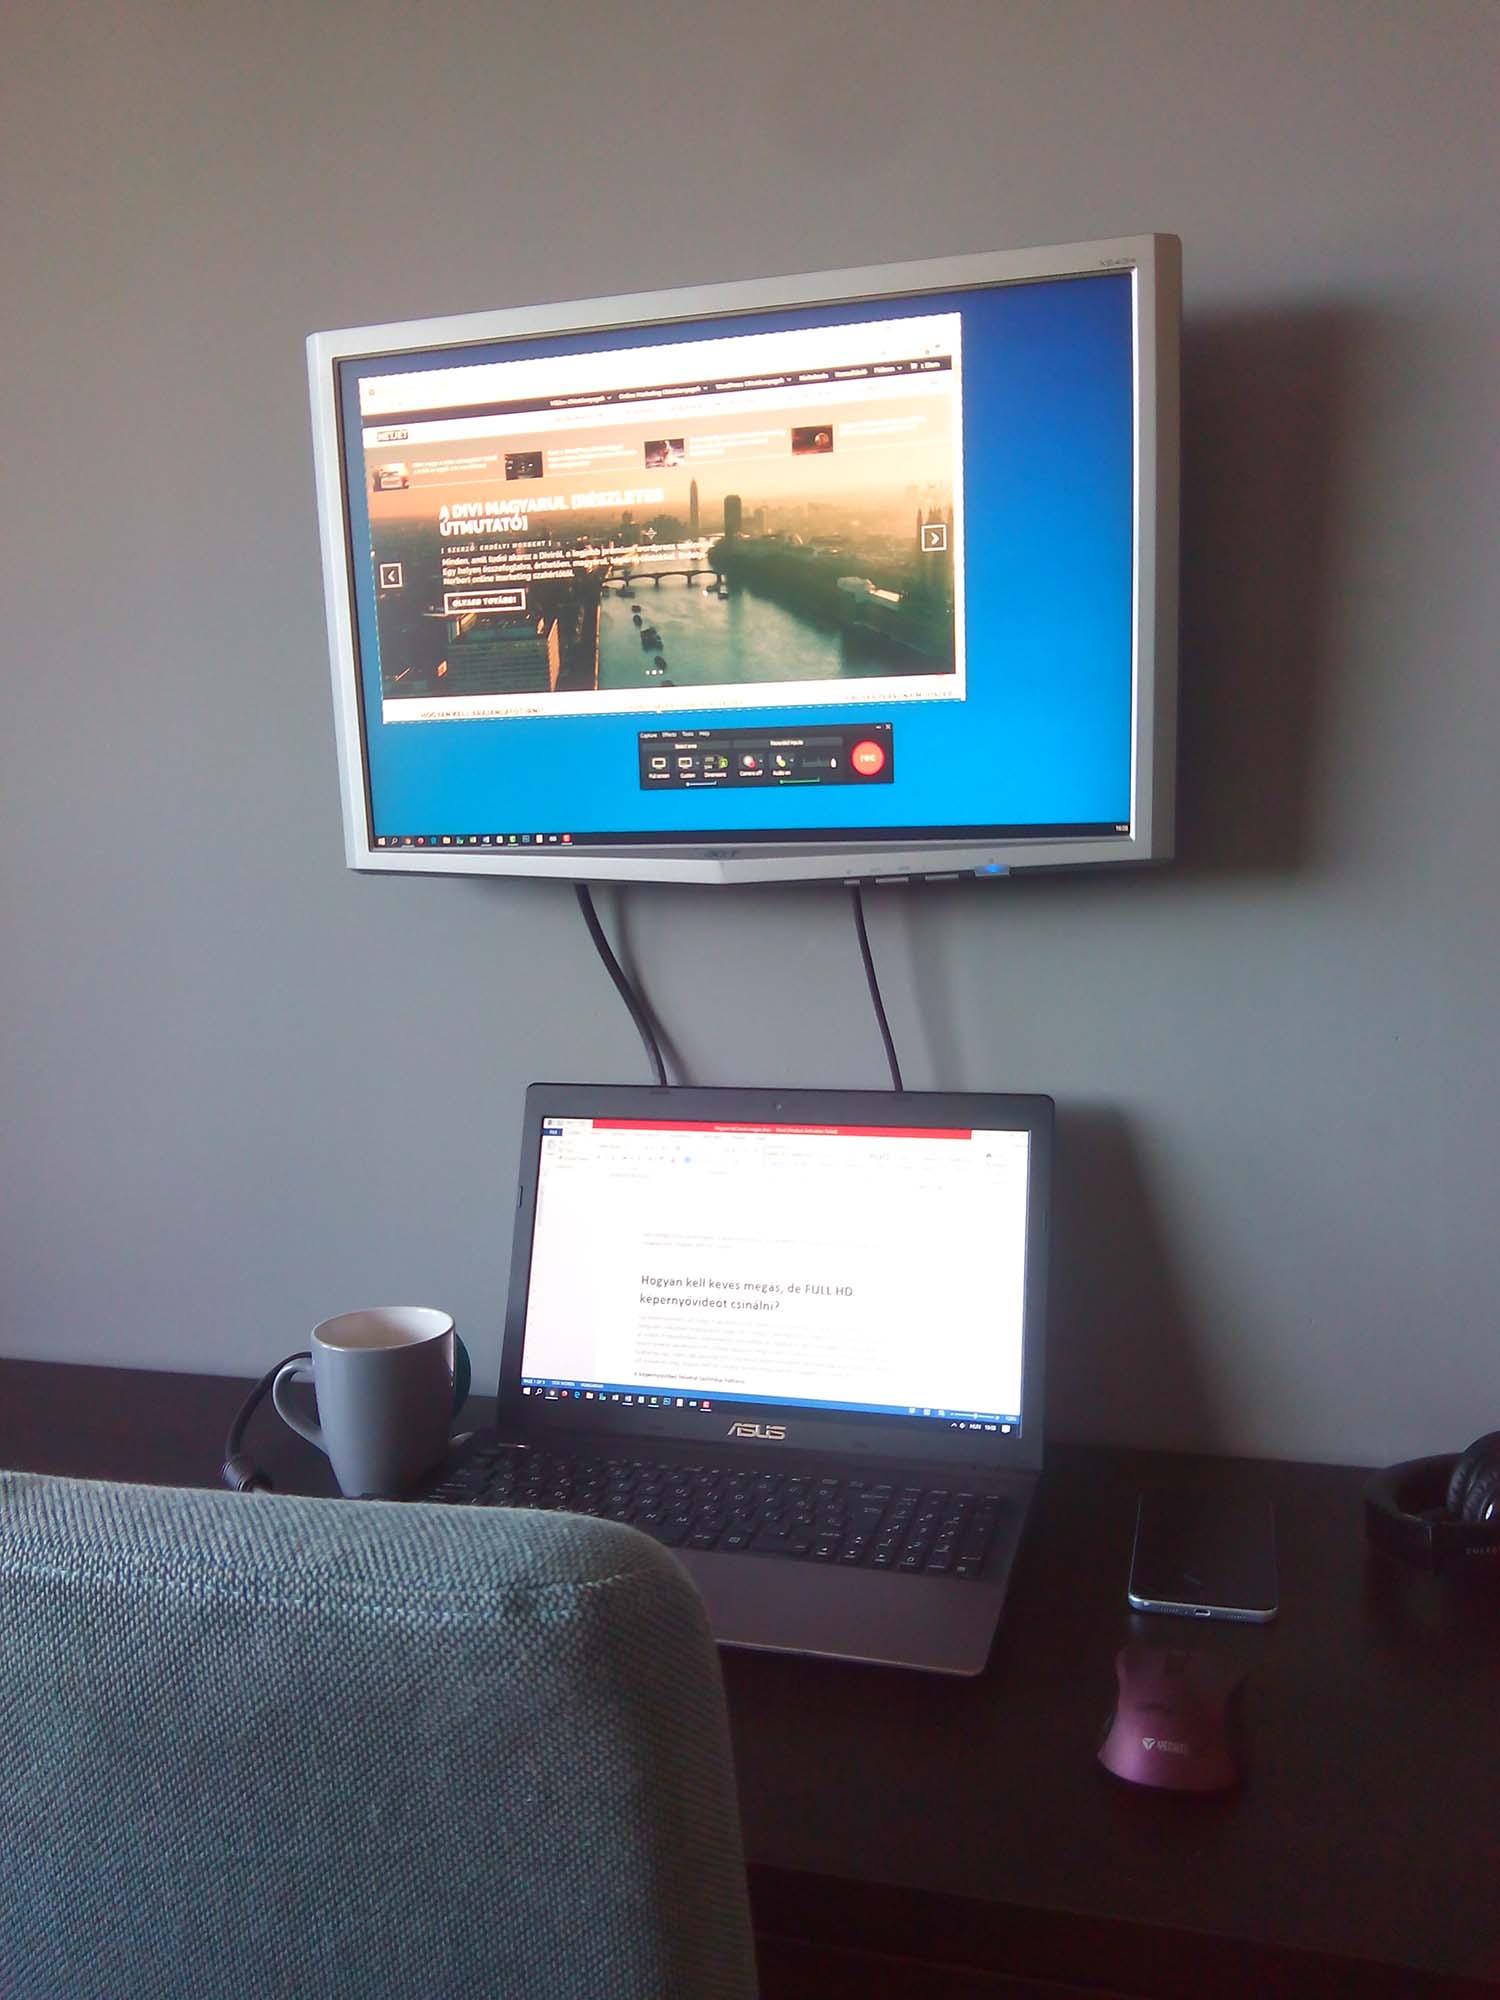 Hogyan kell kevés megás, FULL HD képernyővideót csinálni? 3